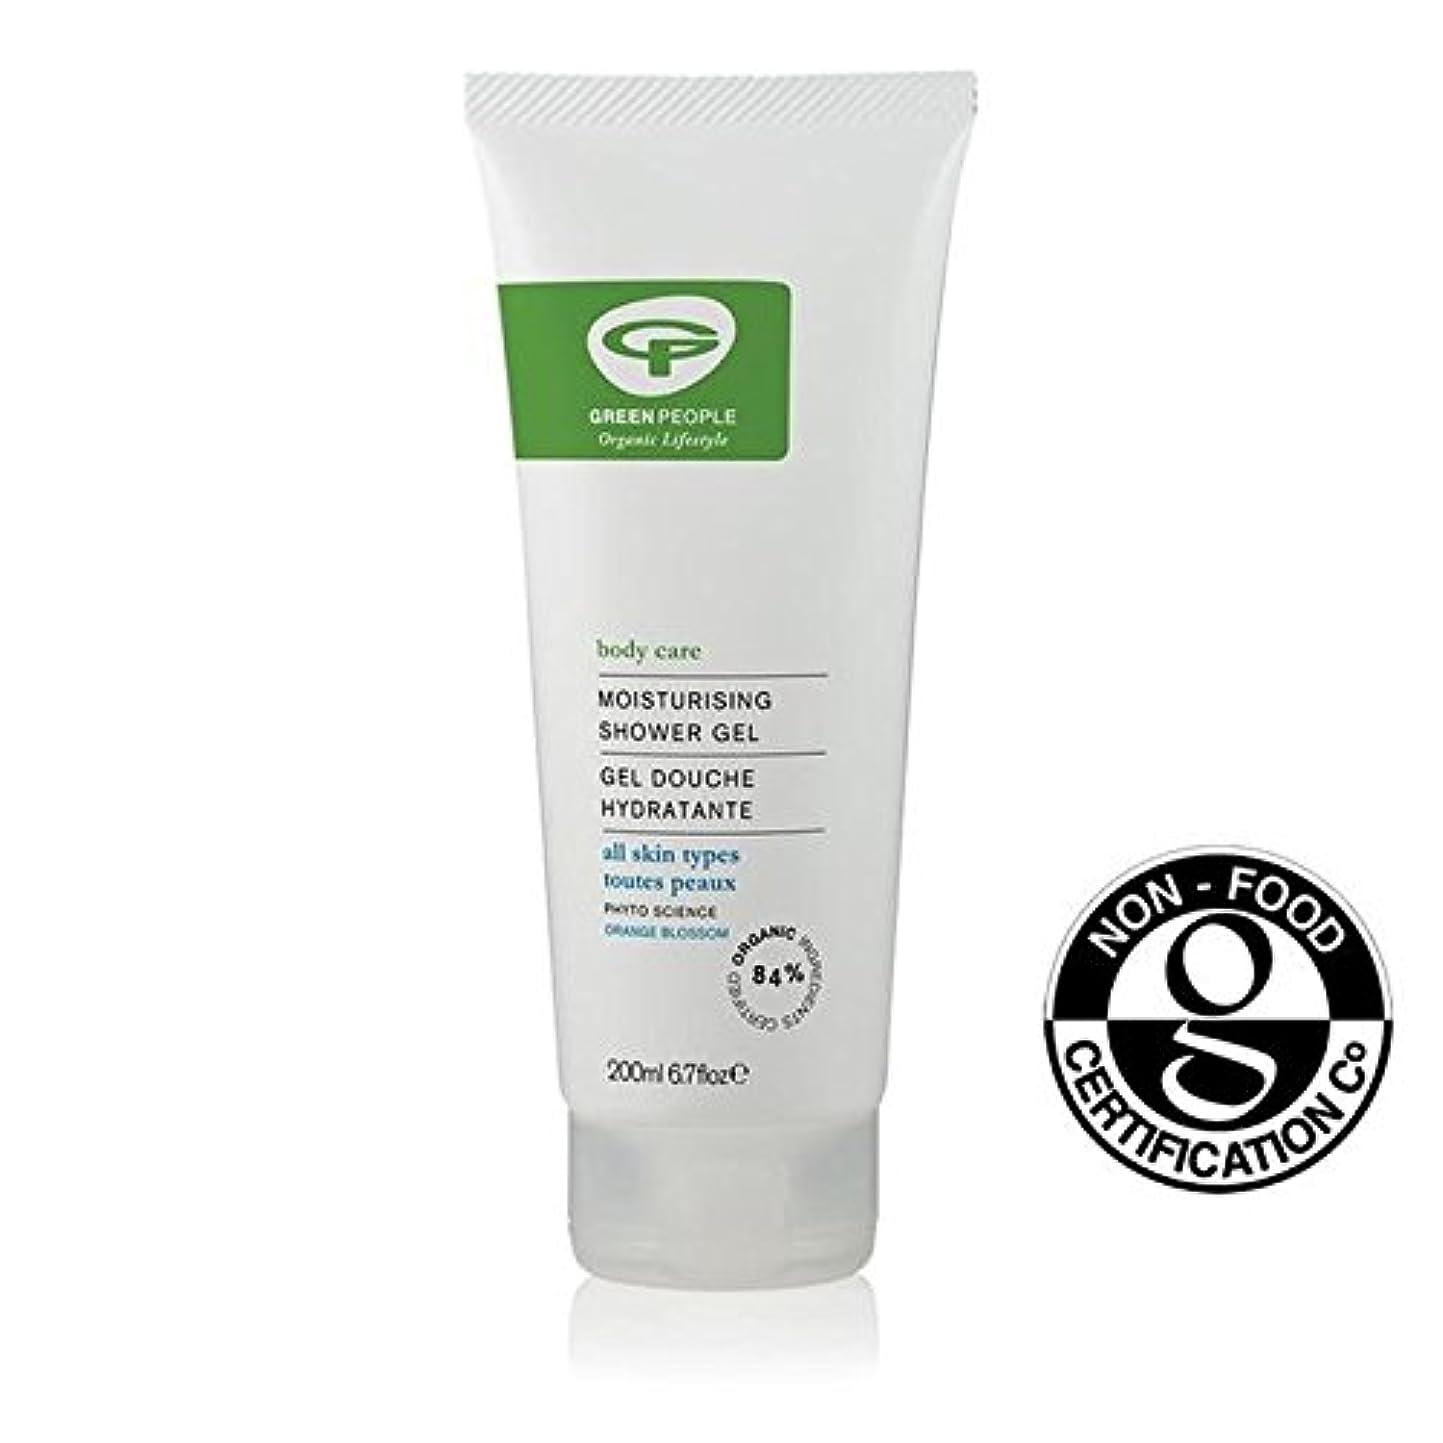 サーキットに行くかりてトチの実の木Green People Organic Moisturising Shower Gel 200ml - 緑の人々の有機保湿シャワージェル200 [並行輸入品]